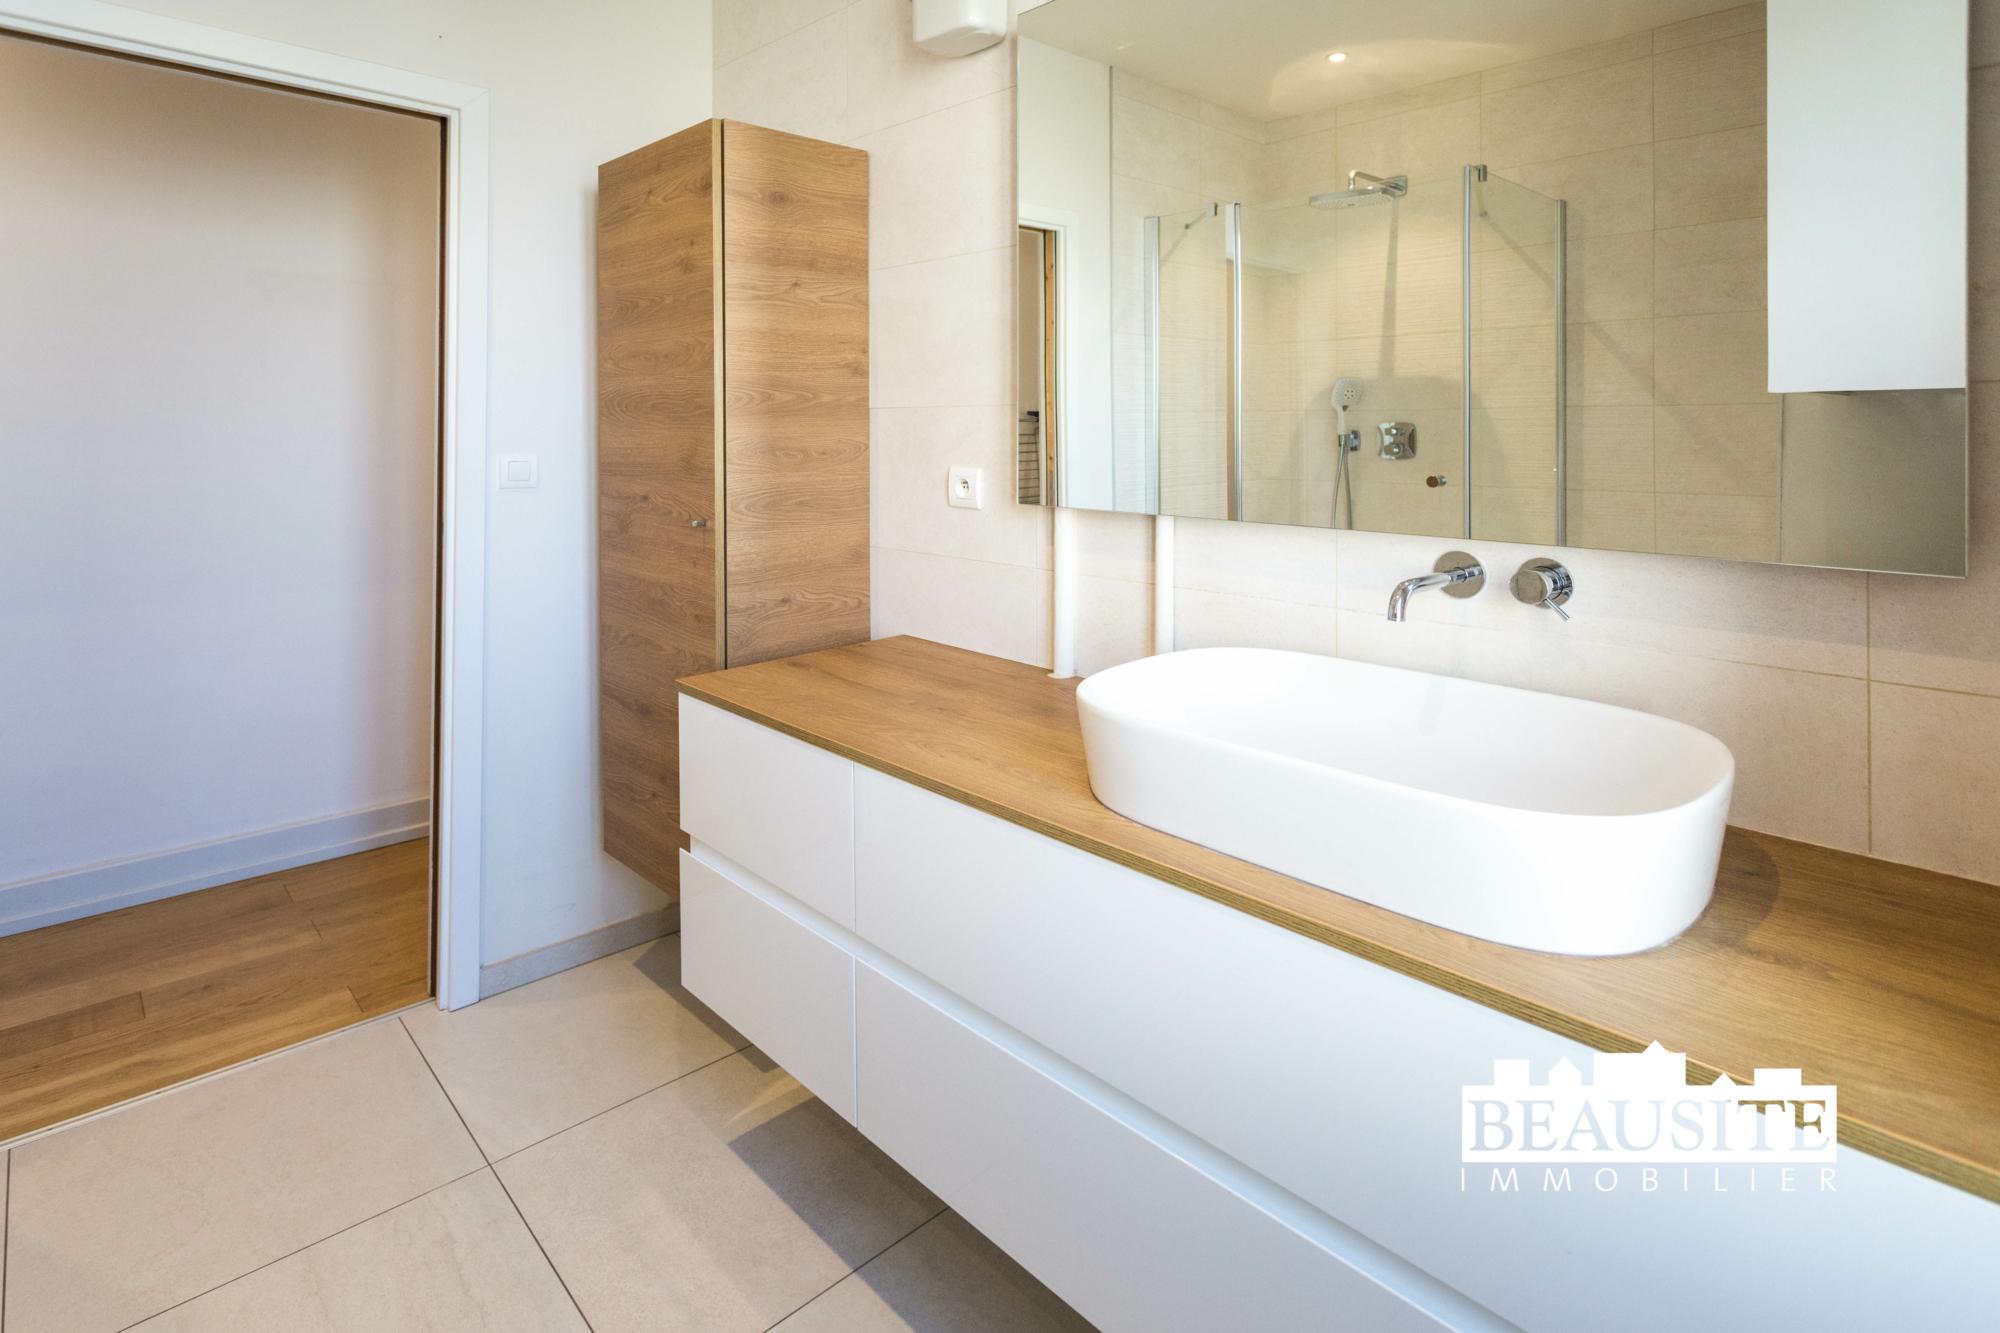 [Sobremesa] L'appartement 5 pièces chaleureux et convivial - Strasbourg / Boulevard du Président Poincaré - nos ventes - Beausite Immobilier 9